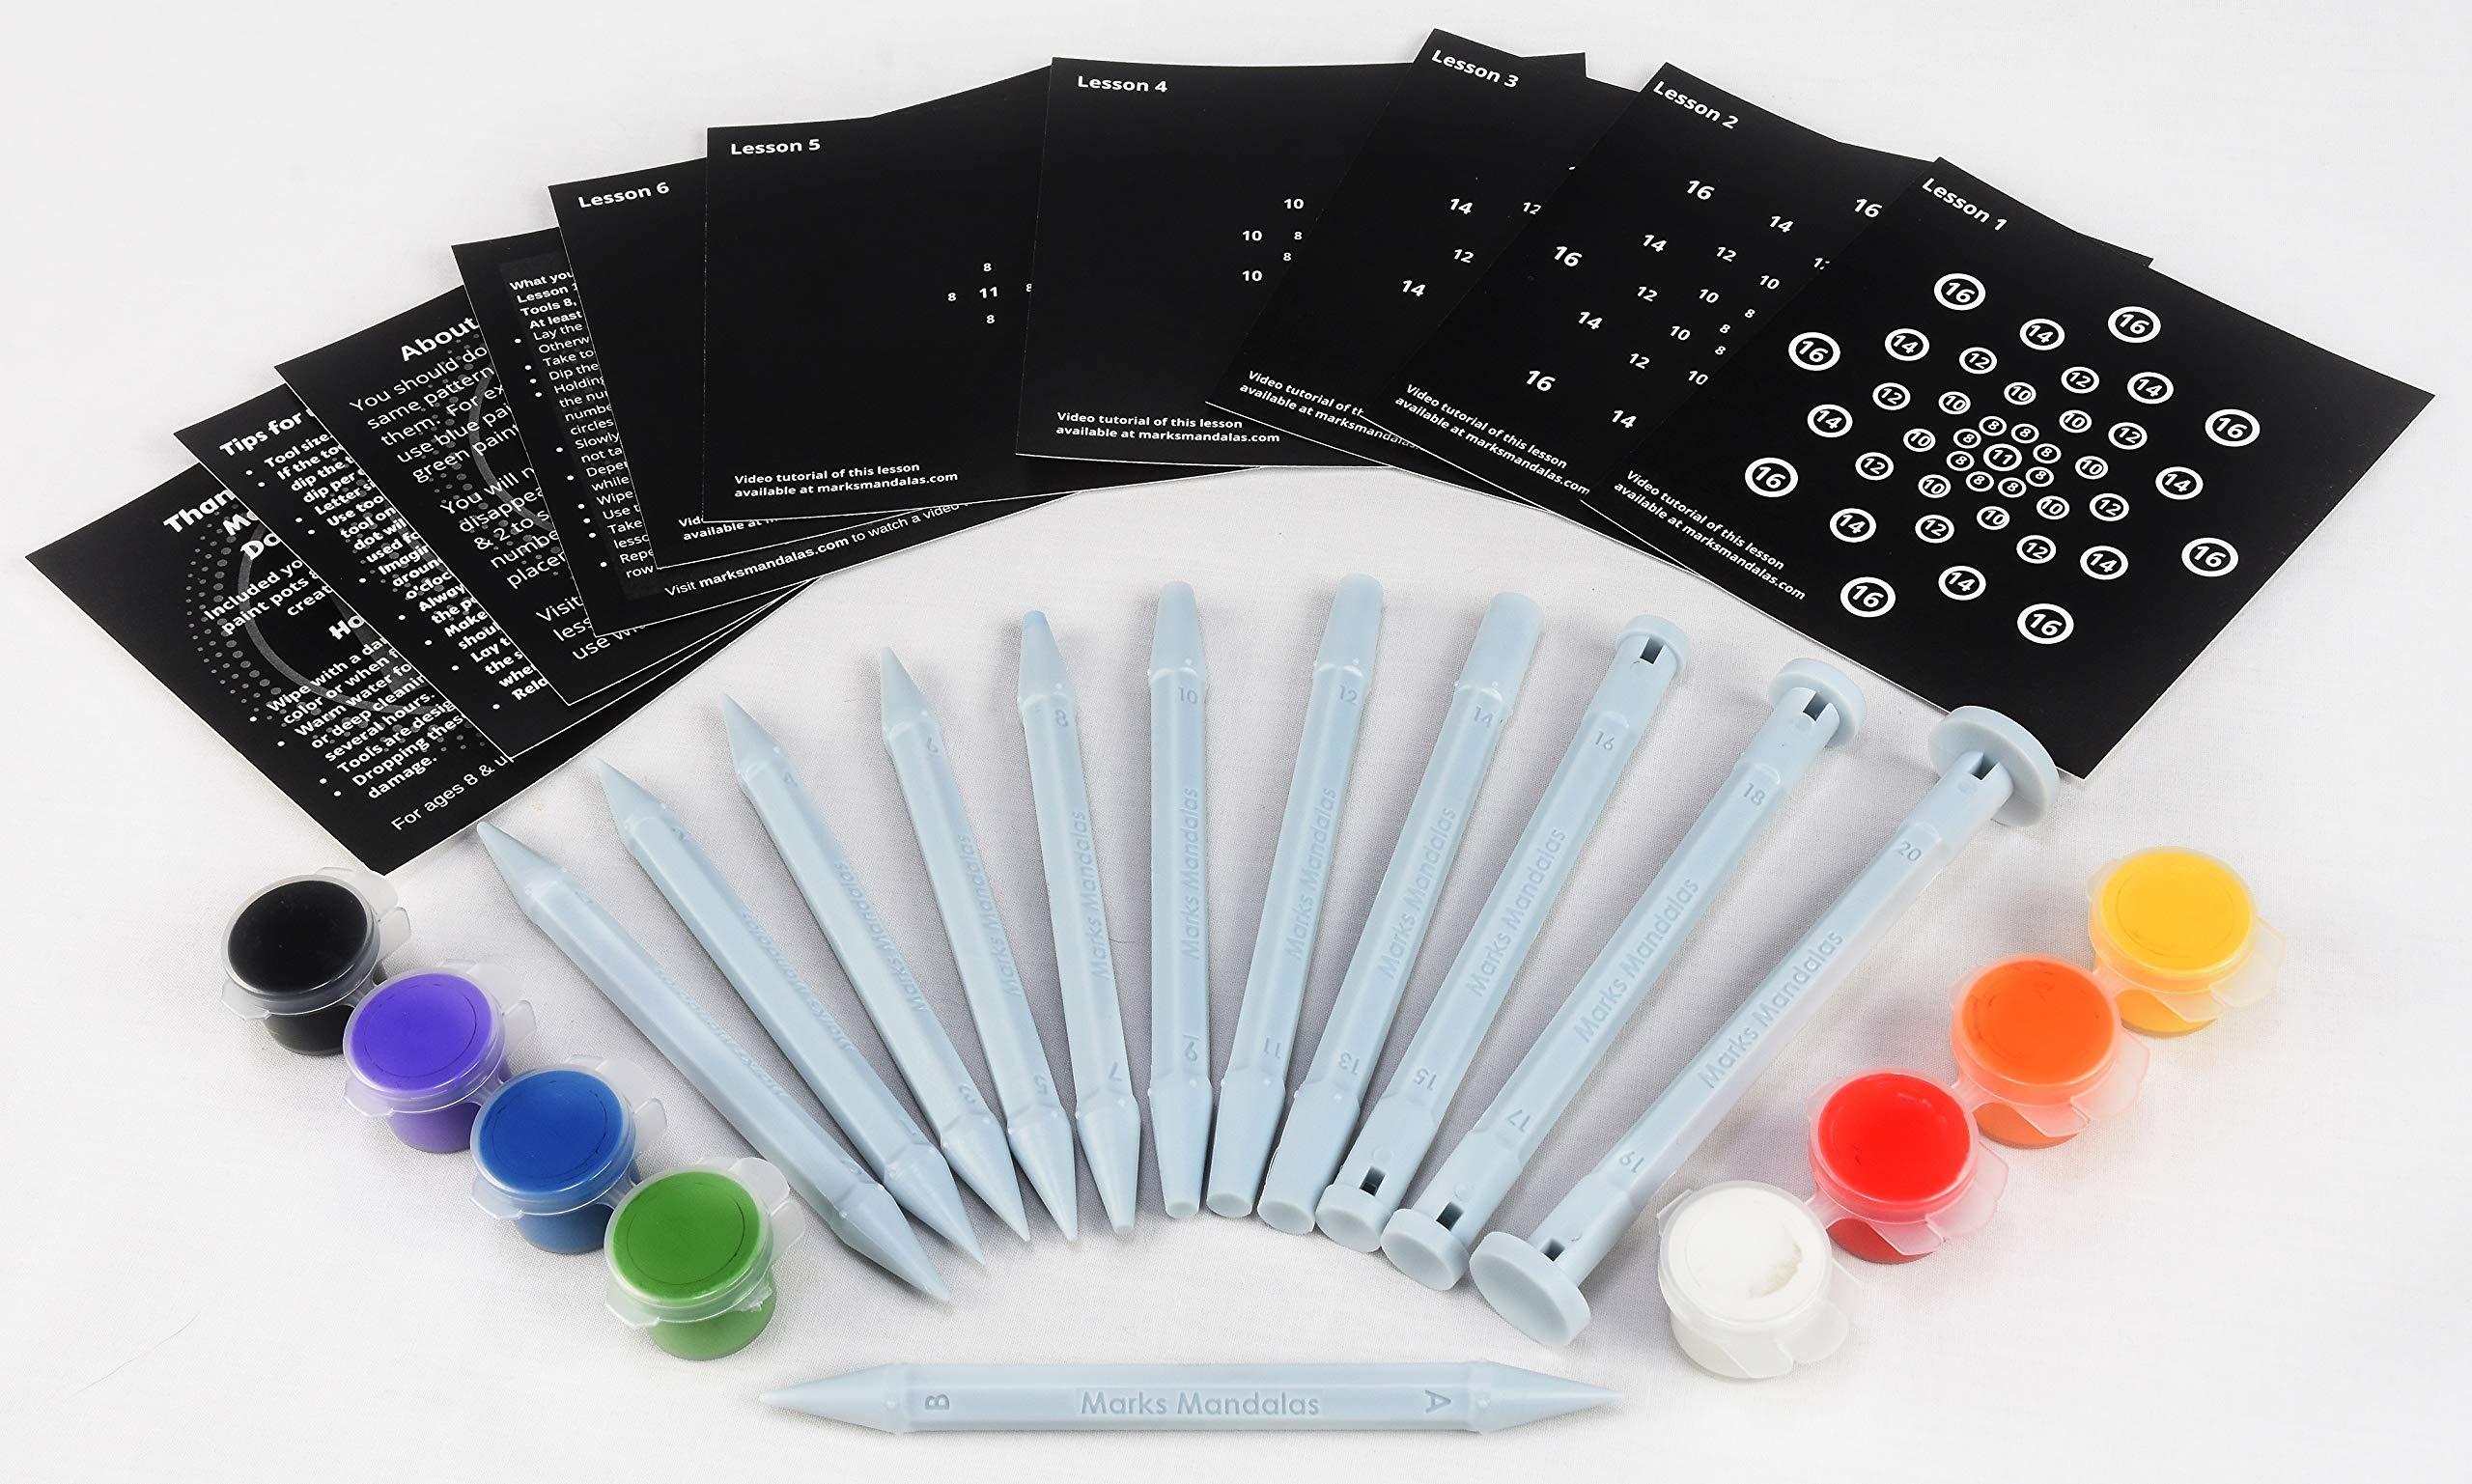 Marks Mandalas Dotting Tools Kit